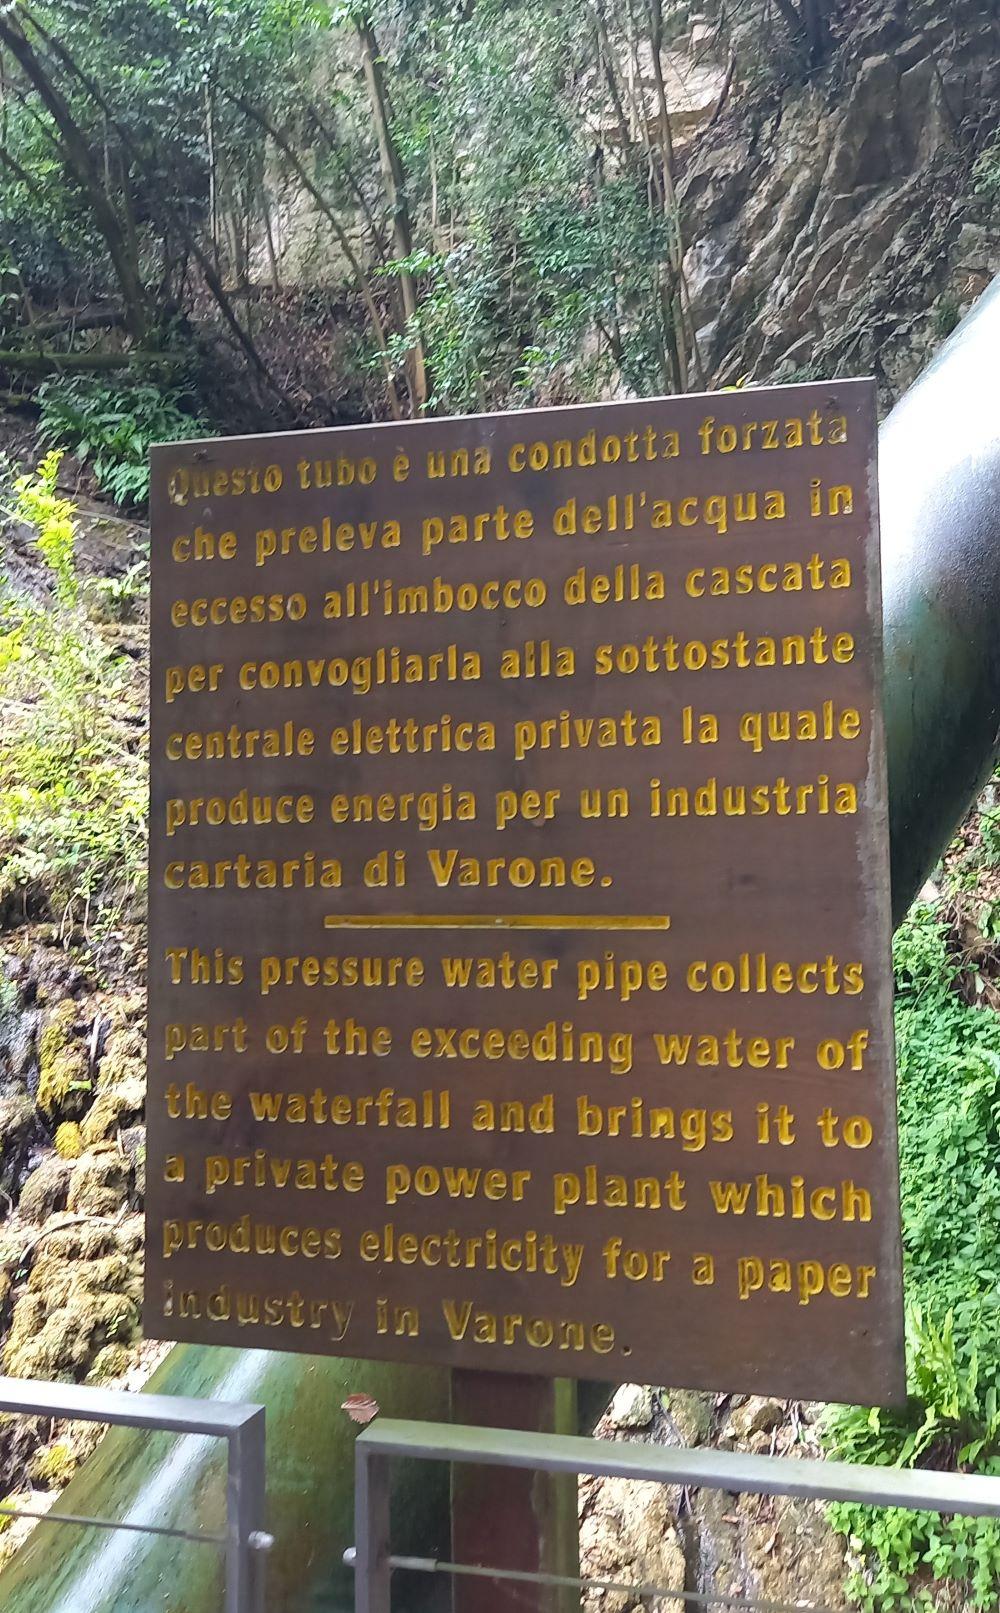 """Hinweistafel Druckwasserleitung - Diese Druckwasserleitung sammelt das überschüssige Wassers des Wasserfalls und führt es zu einem privaten Kraftwerk, das Strom für eine Papierindustrie in Varone produziert"""""""